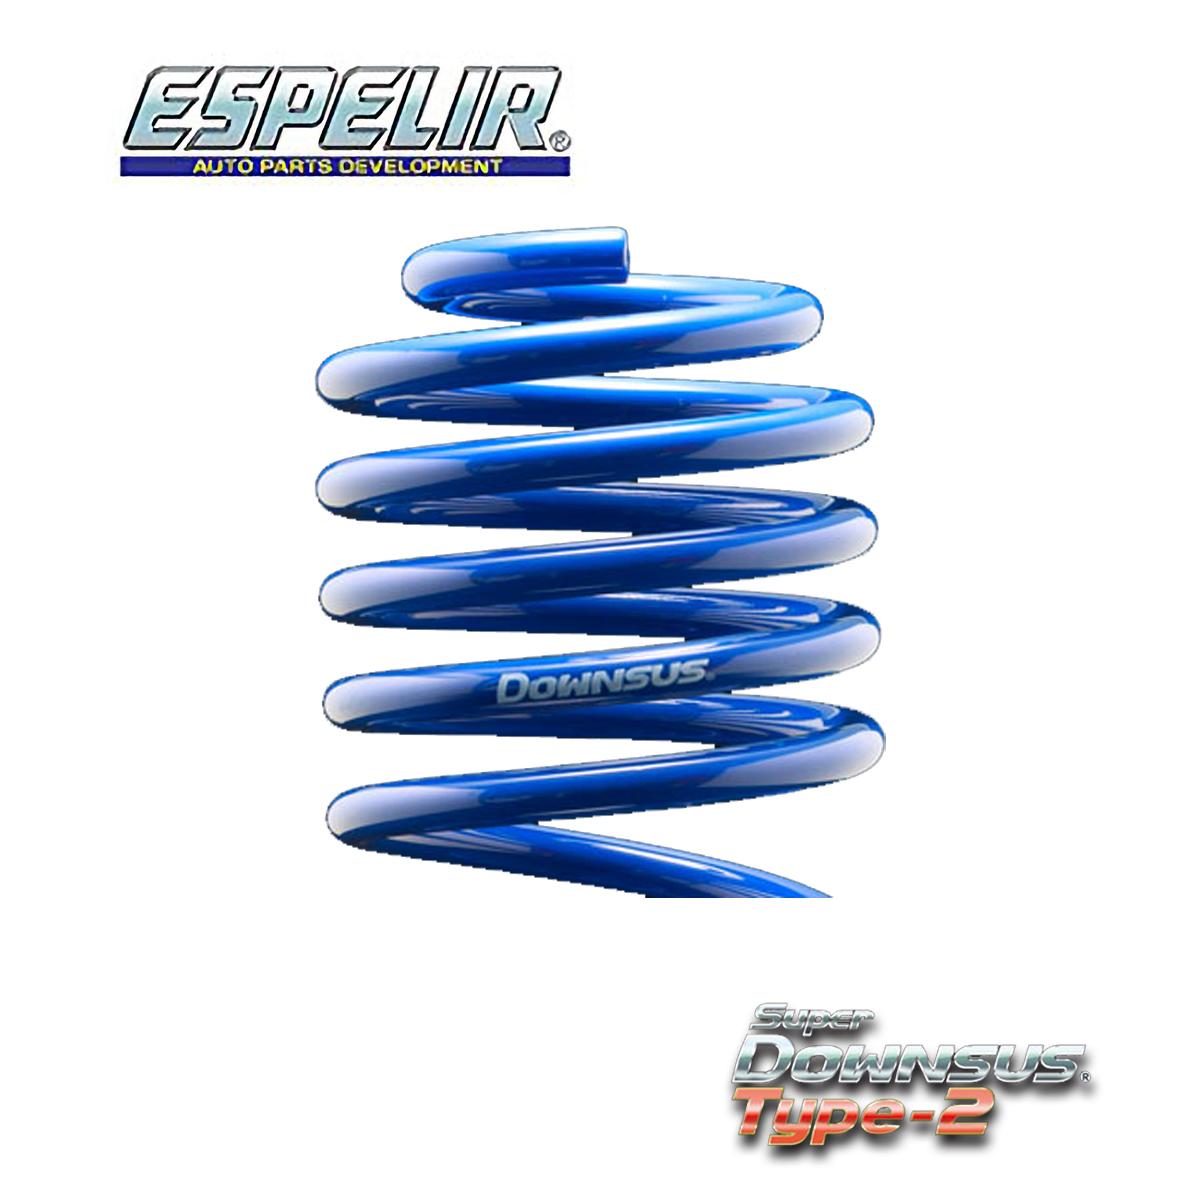 エスペリア カローラフィールダー ZRE162G 1.8S/WxB スプリング ダウンサス リア EST-2341R スーパーダウンサス タイプ2 Super DOWNSUS Type2 ESPELIR